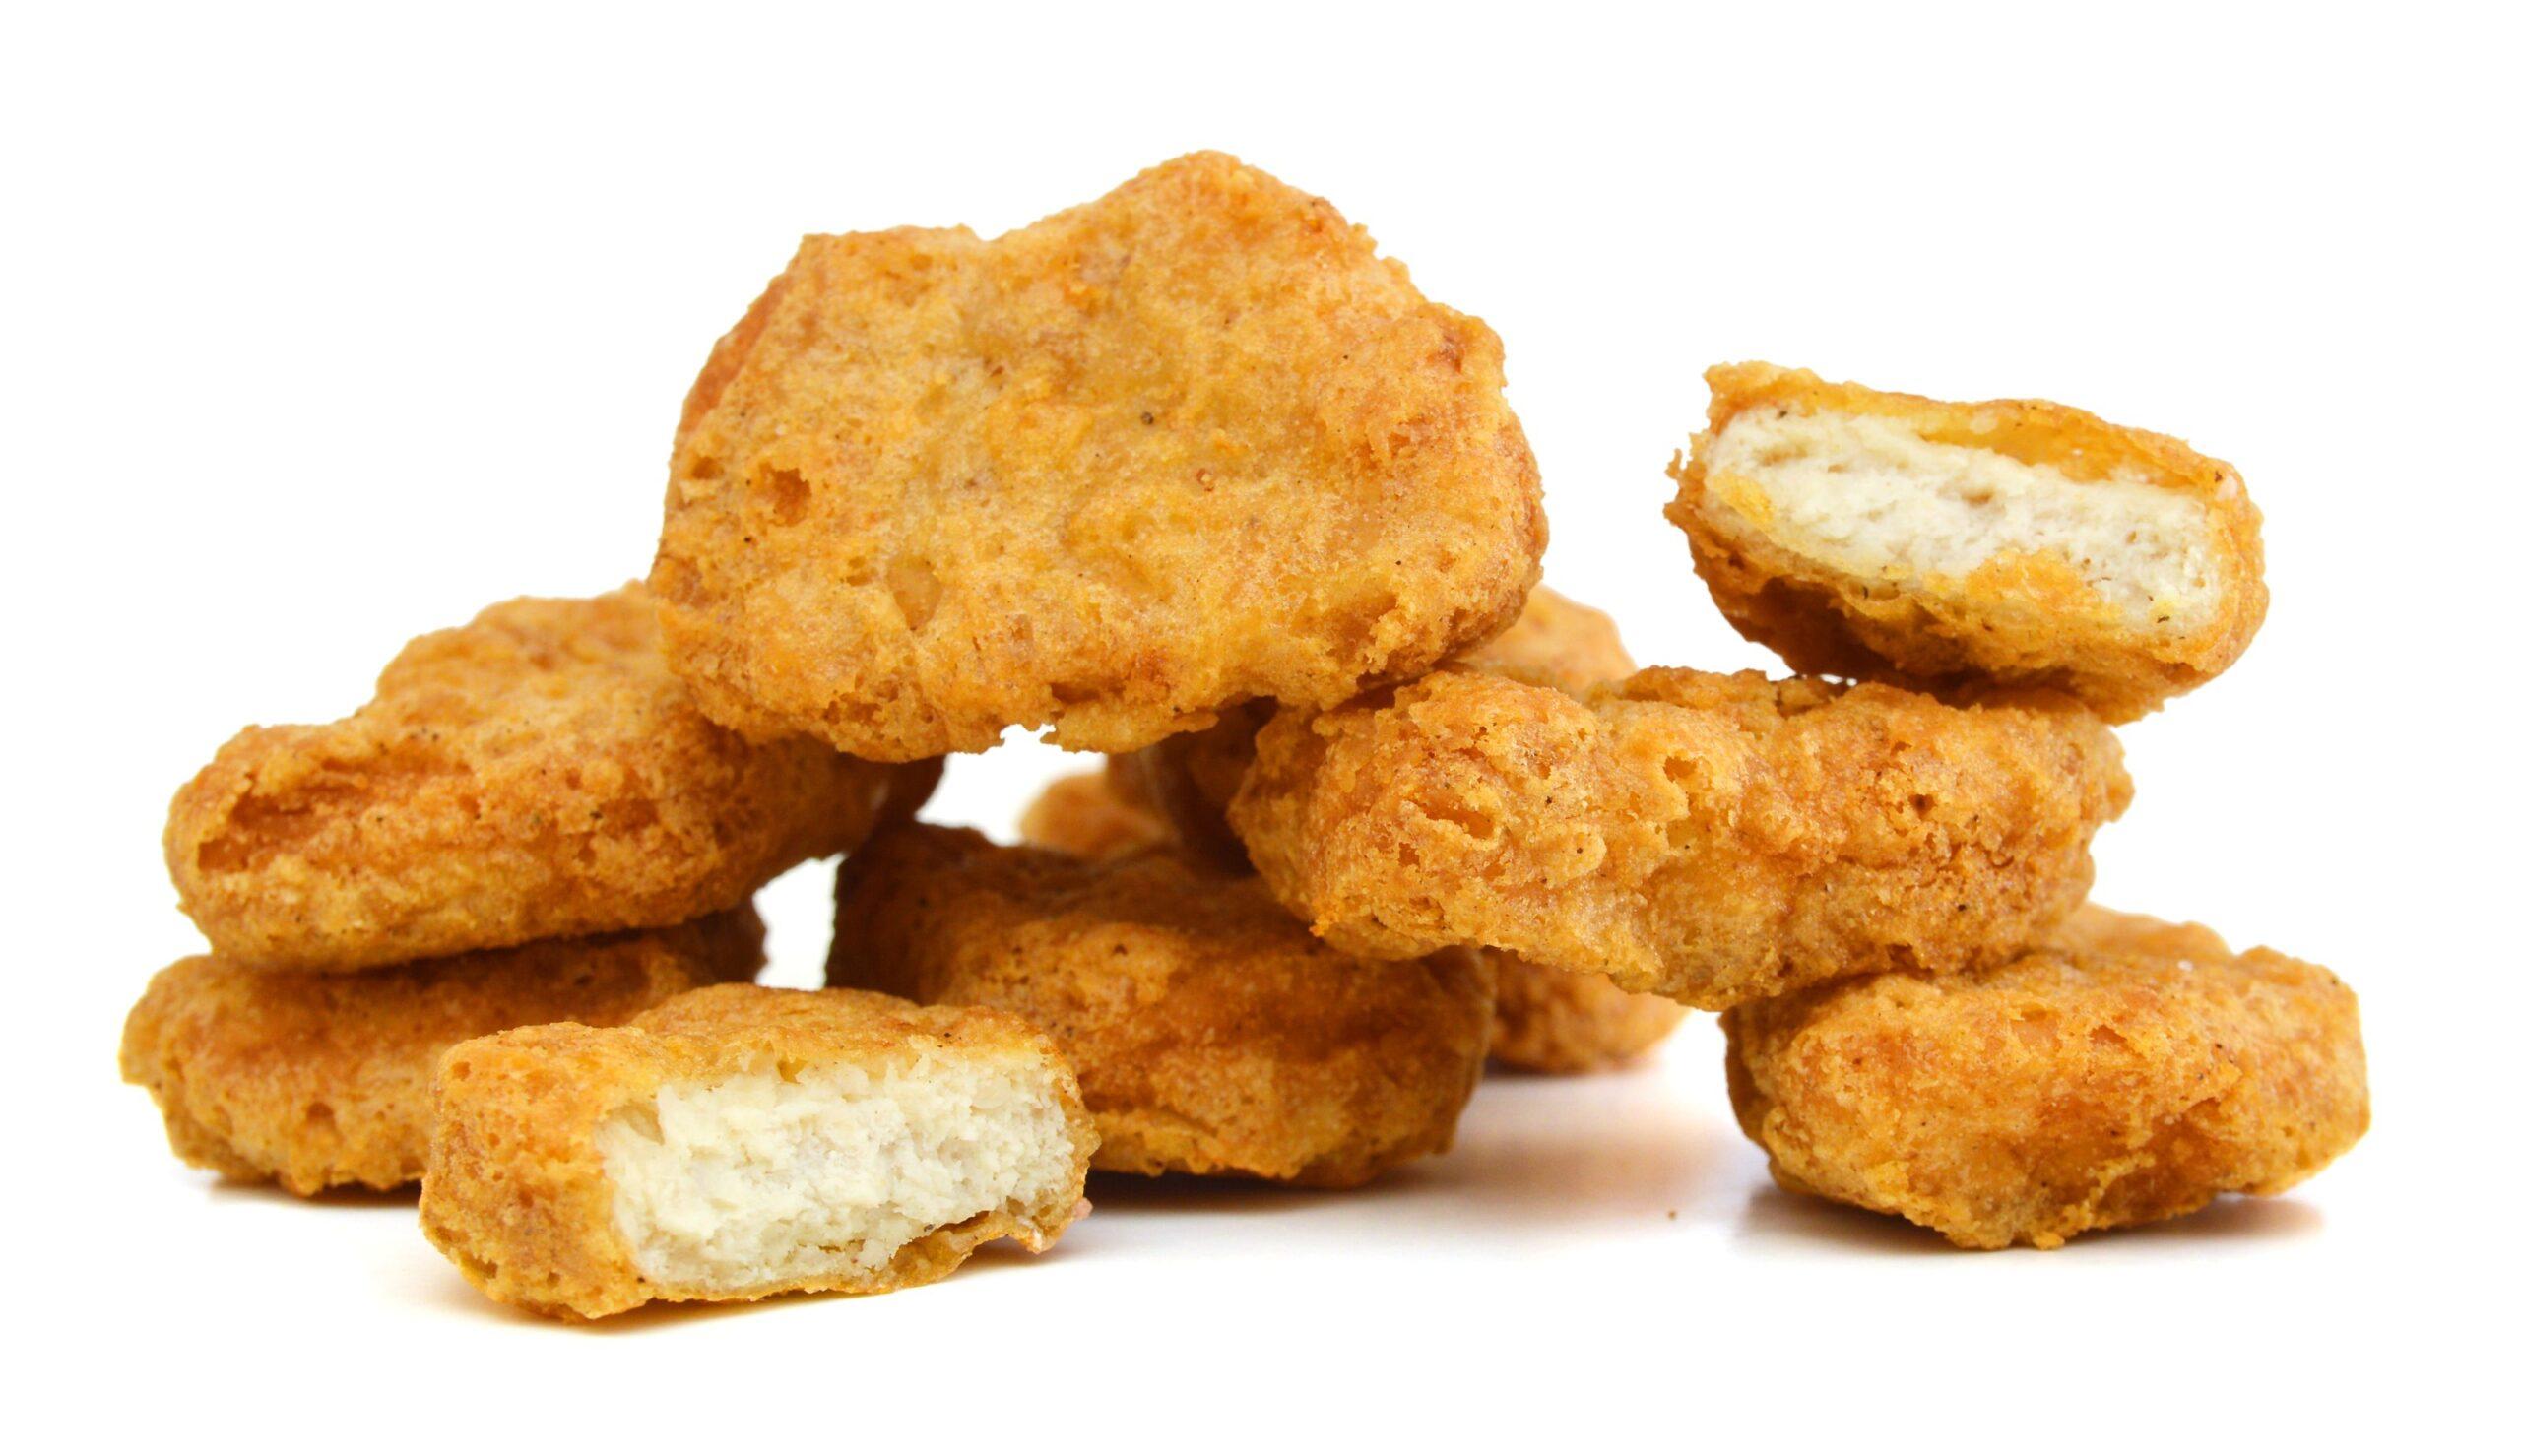 Quanti ingredienti ci sono nei Chicken Nuggets di McDonald's?